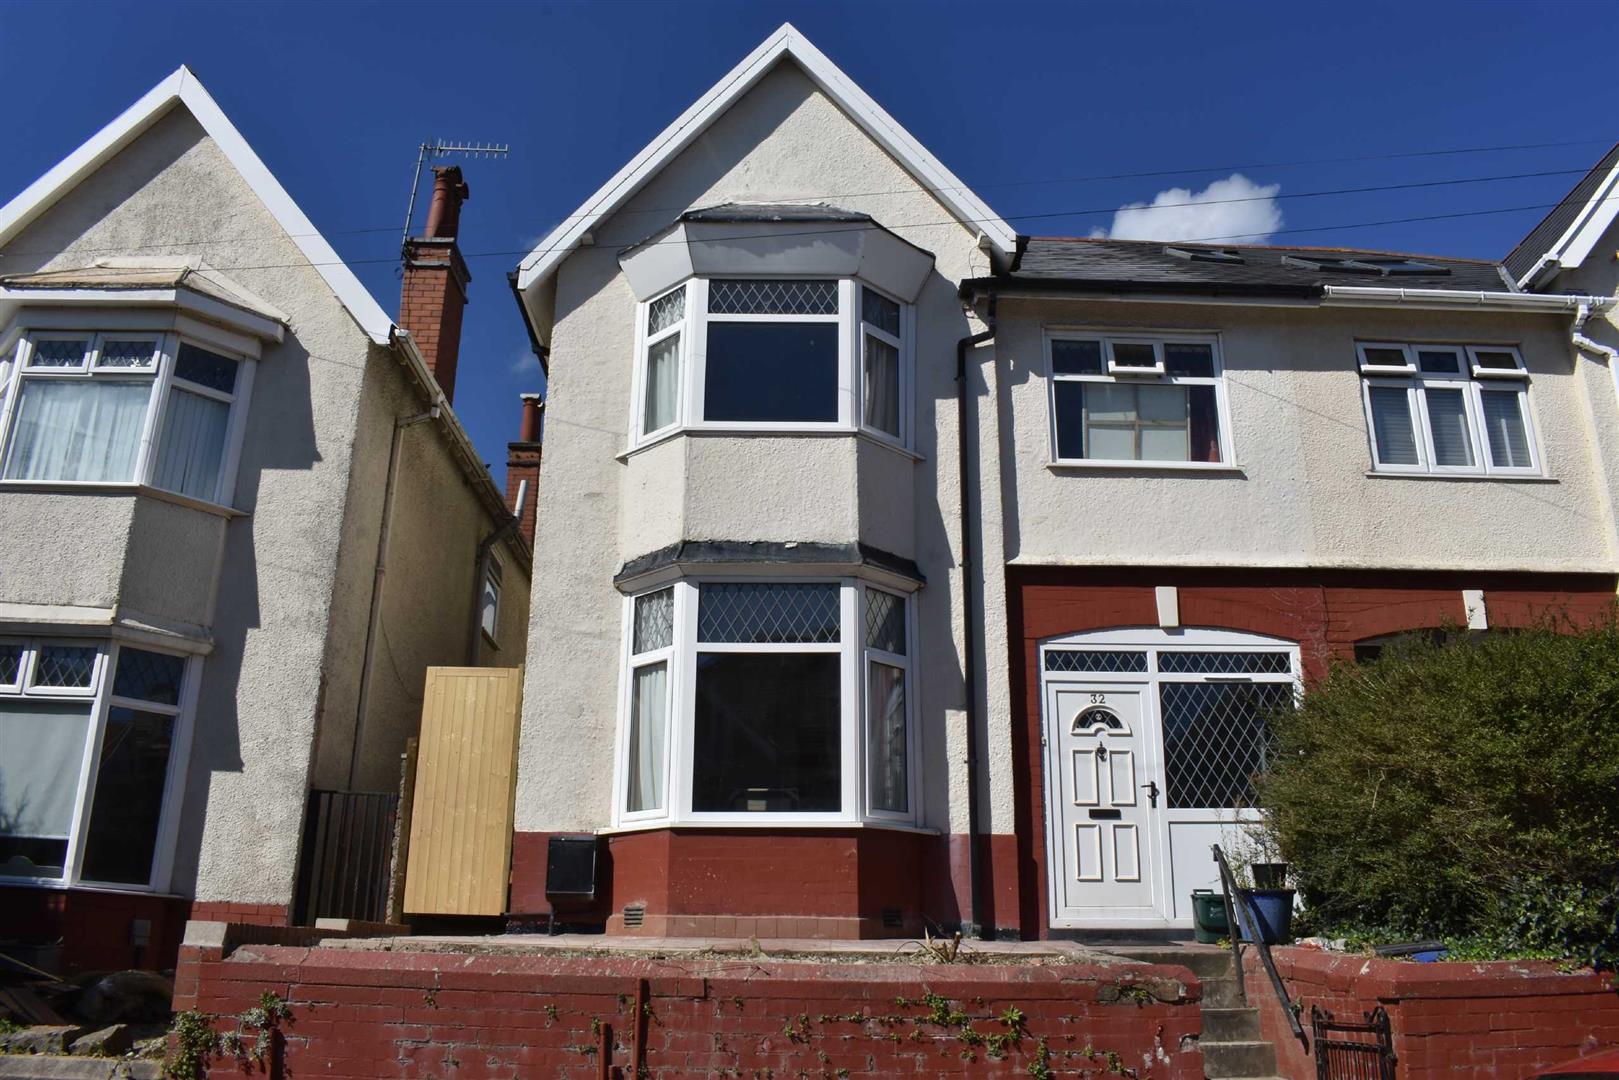 Long Oaks Avenue, Uplands, Swansea, SA2 0LE